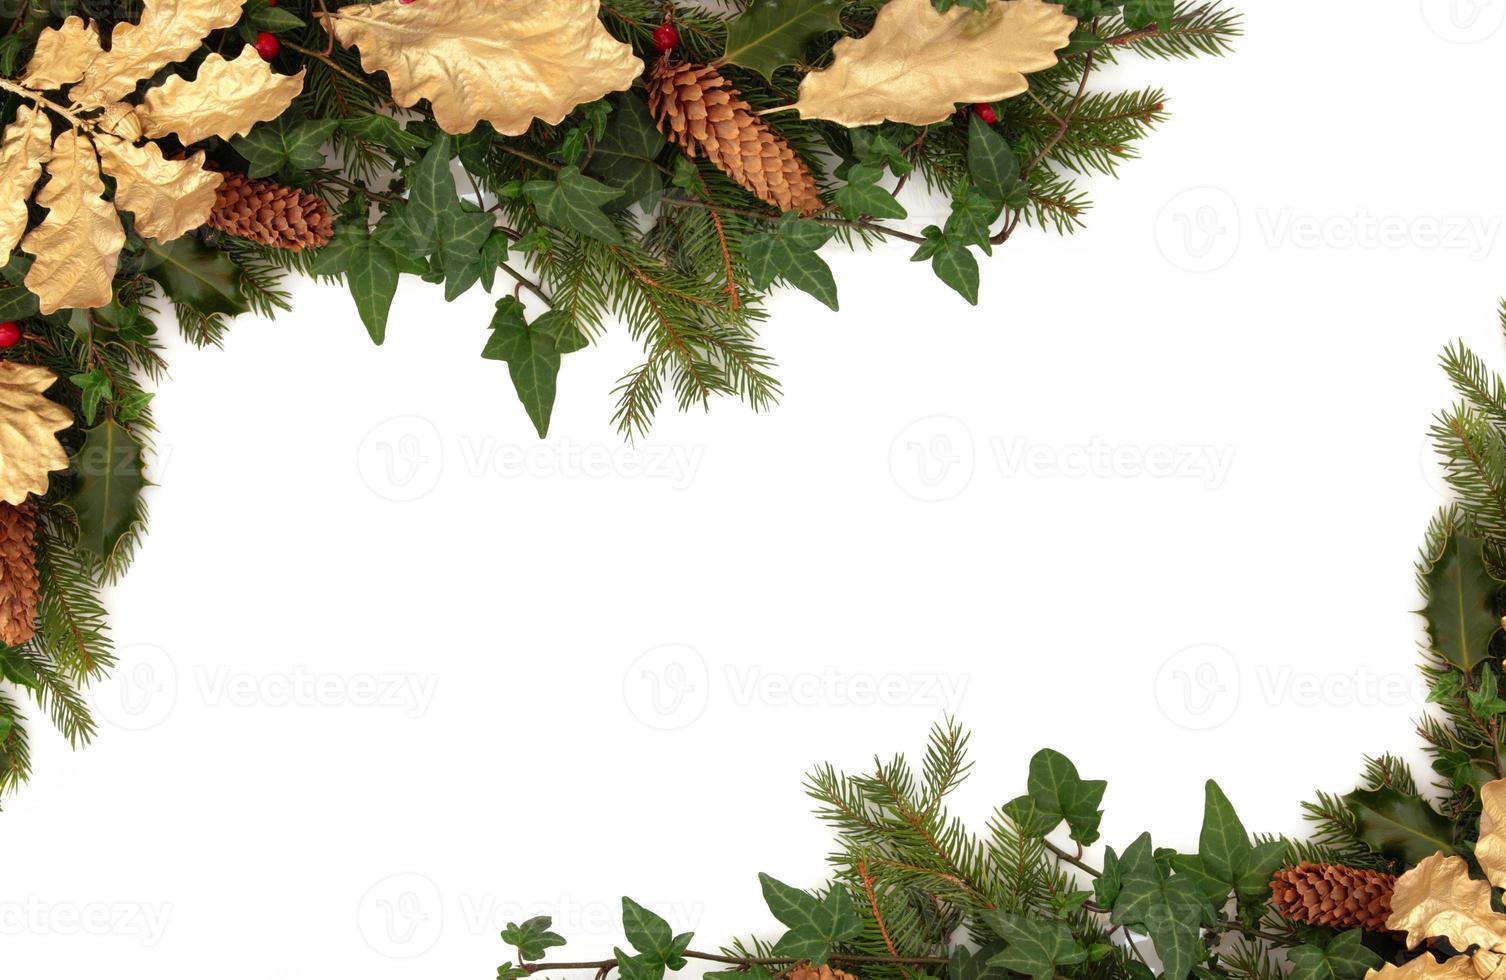 flora y fauna de invierno foto